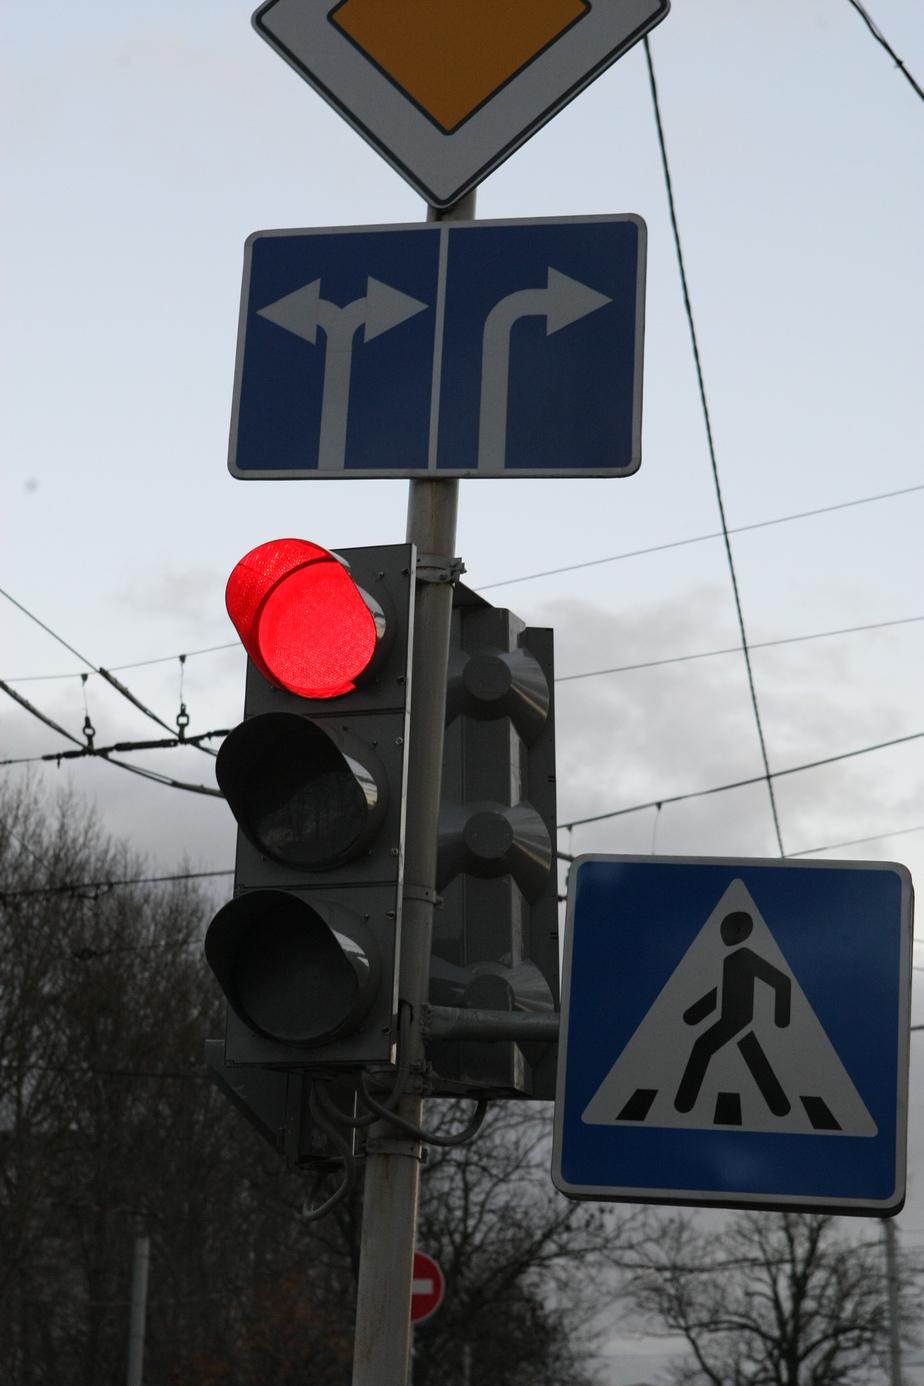 На Московском проспекте у ТЦ Сити не работает светофор